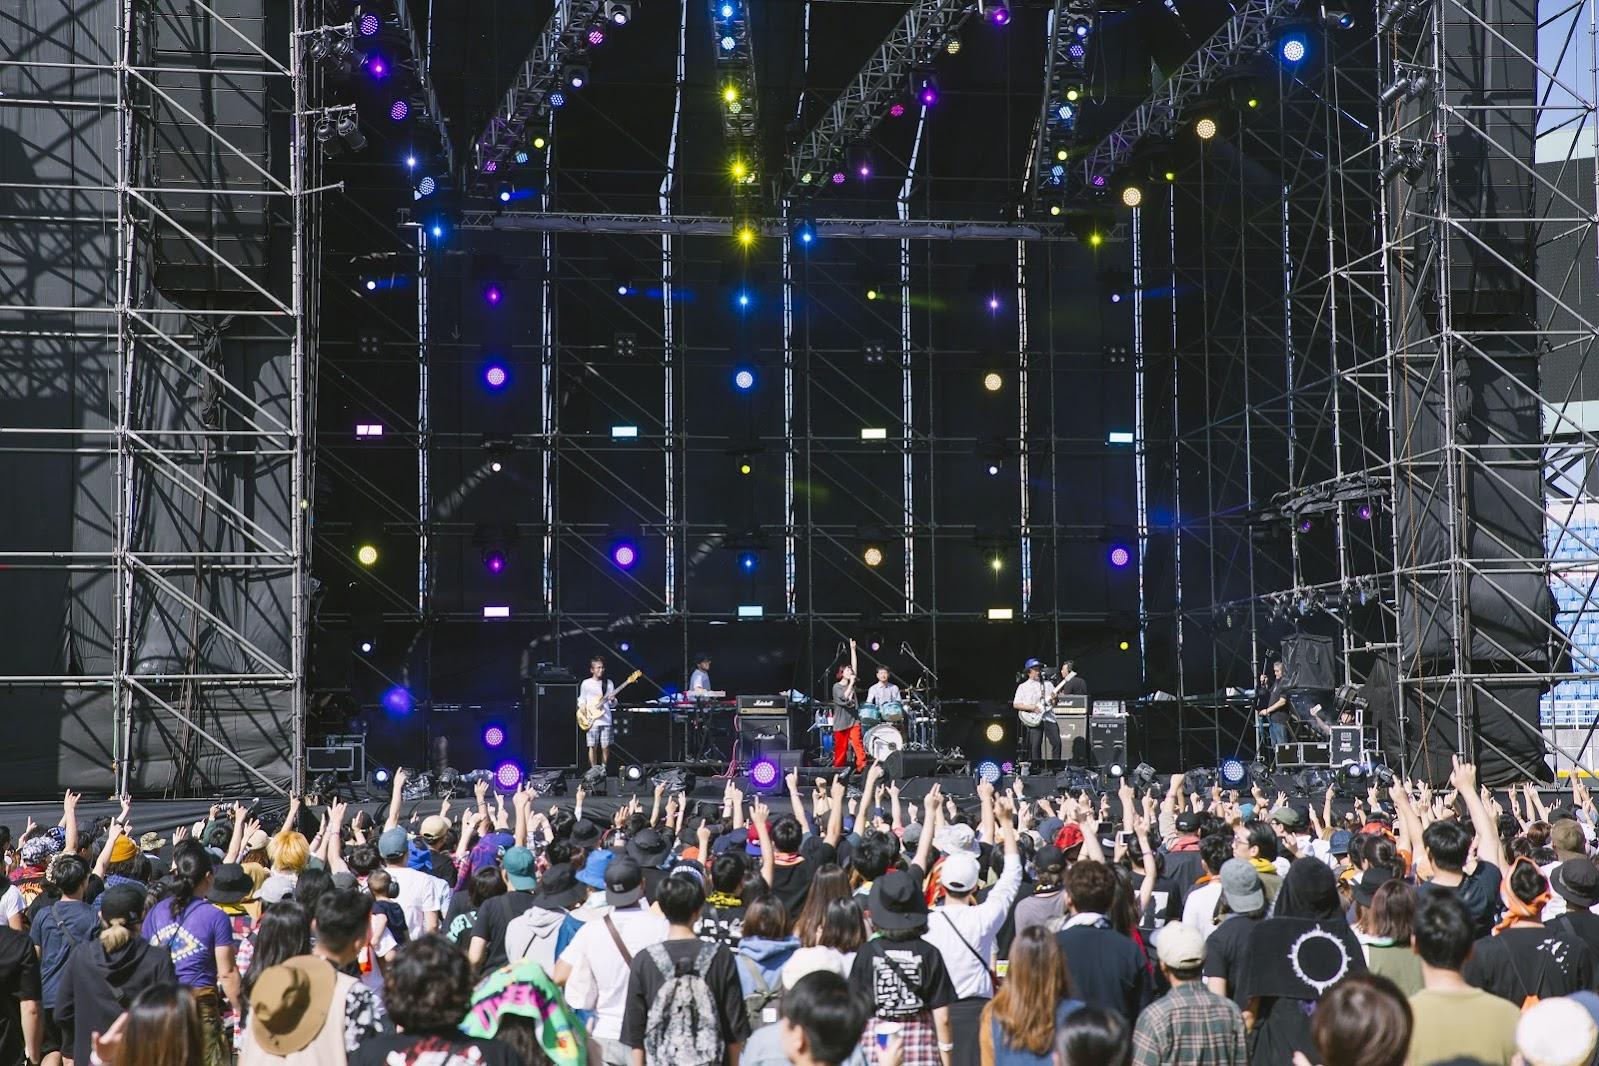 【迷迷現場】 2019 火球祭 木村カエラ ( 木村KAELA )首度來台開唱 向計程車司機認真學台語